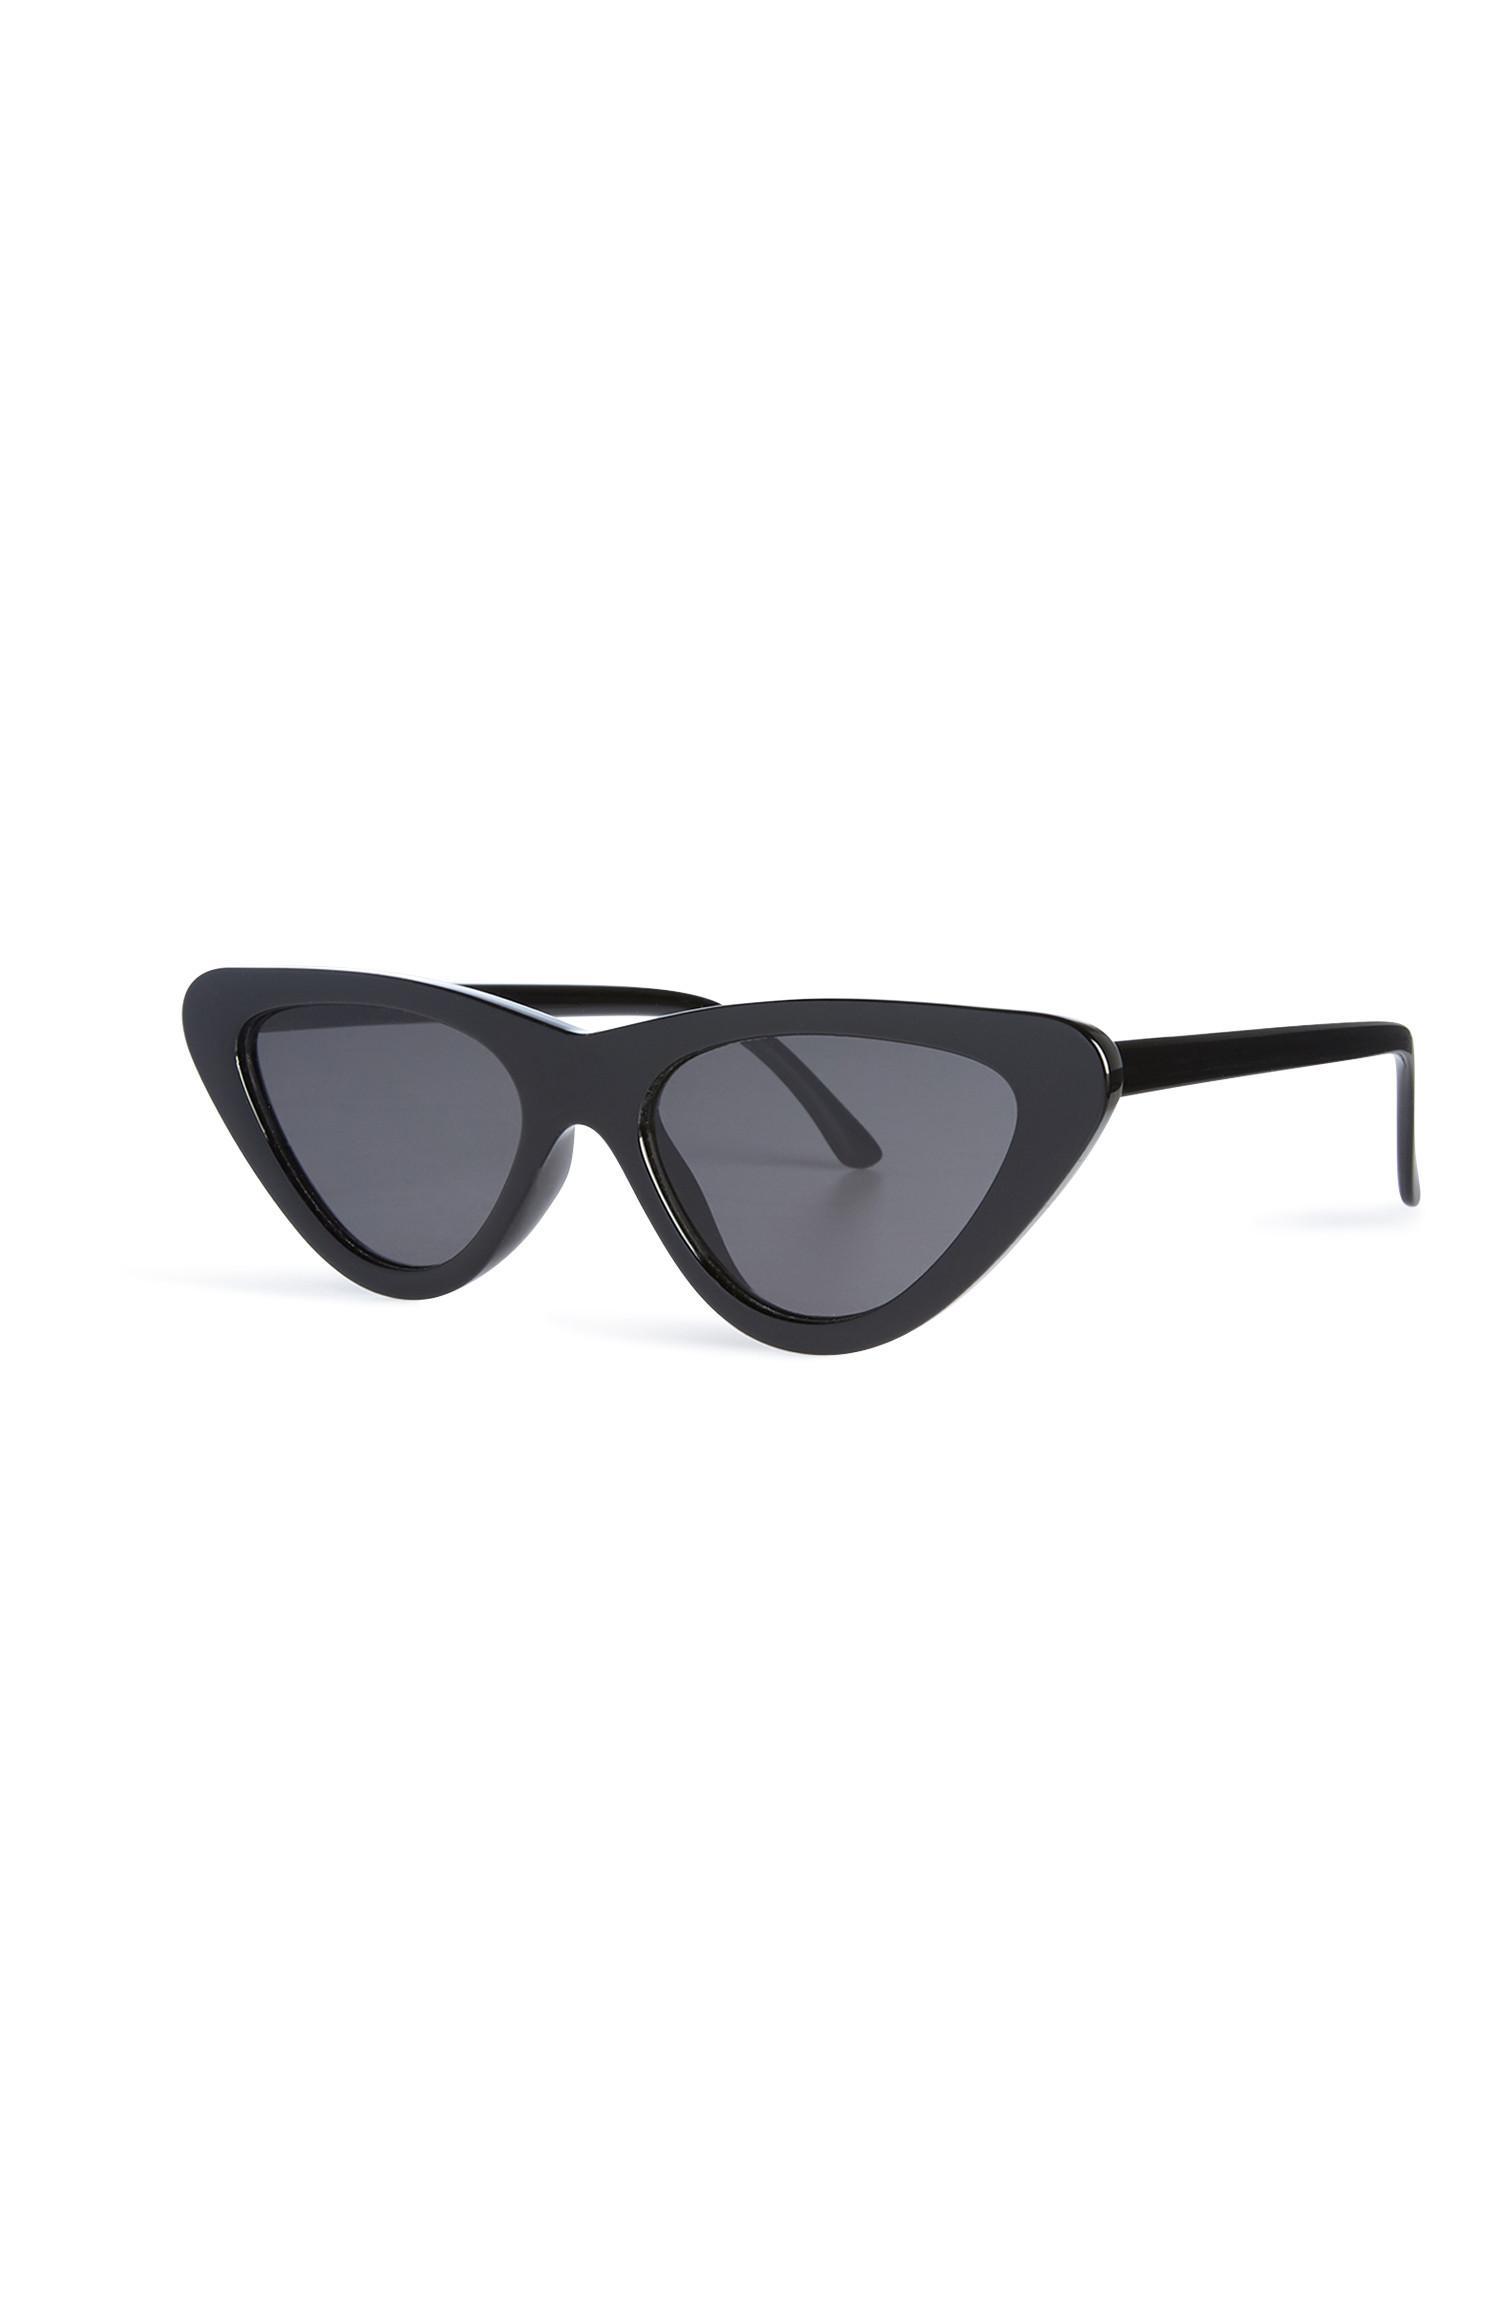 Óculos de sol olhos de gata preto